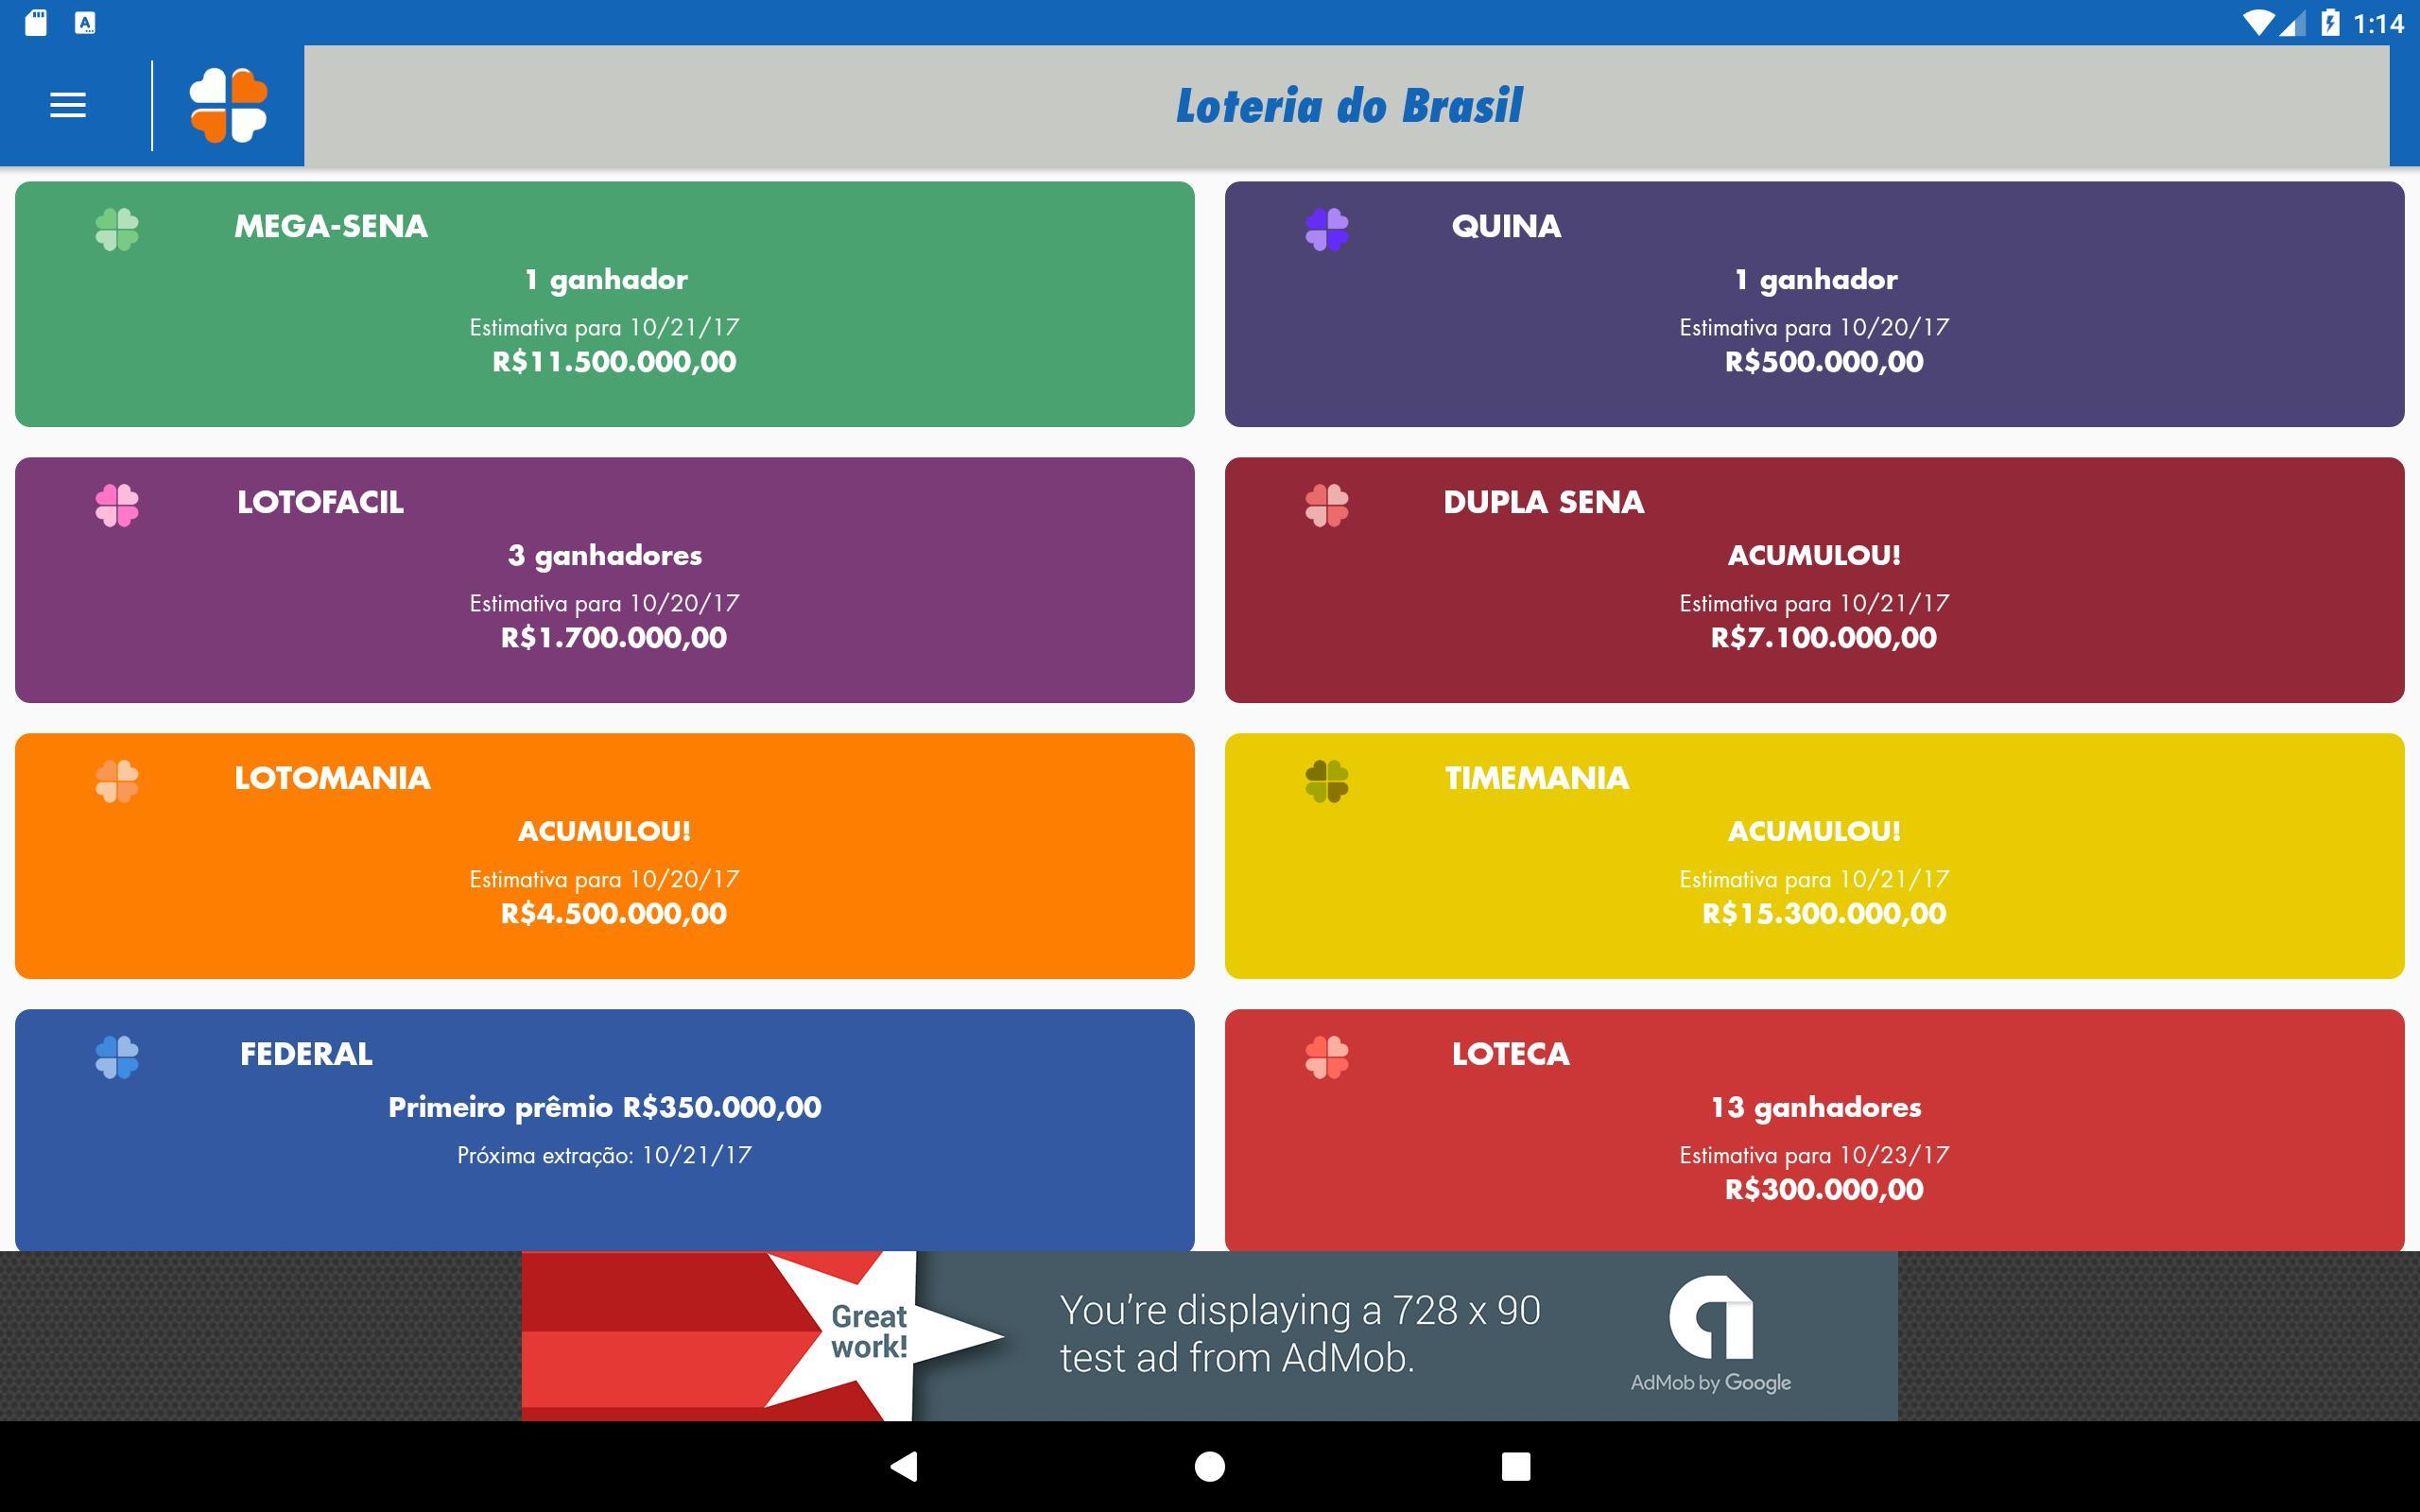 Loteria do Brasil